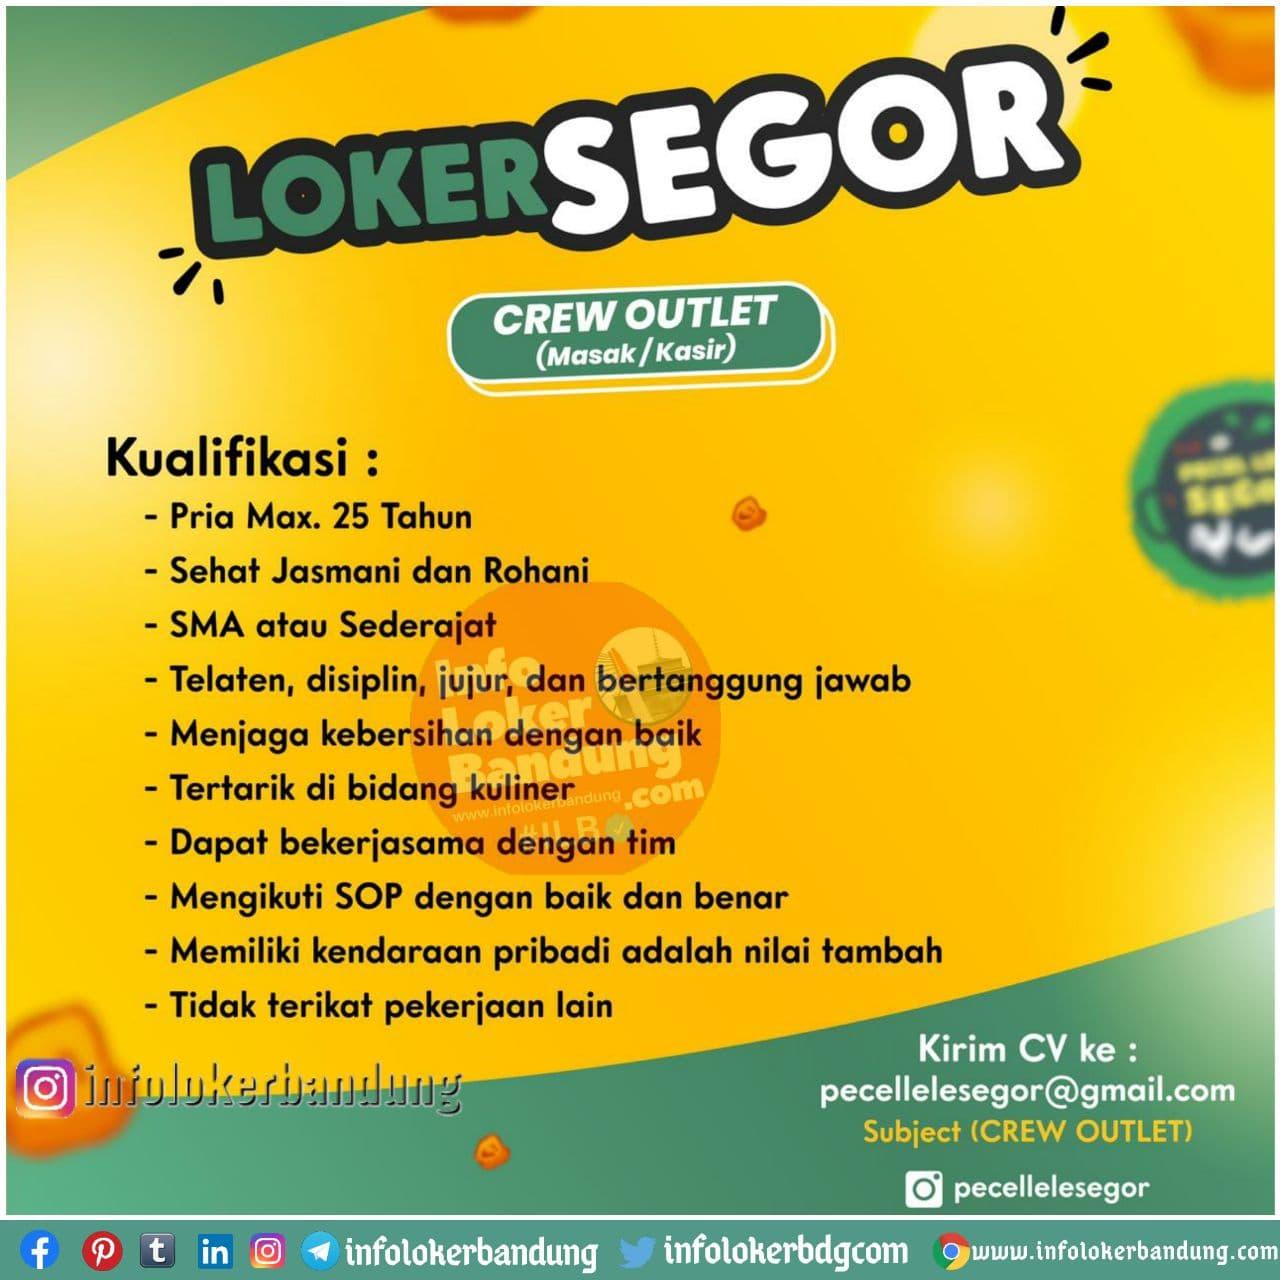 Lowongan Kerja Crew Outlet Pecel Lele Segor Bandung November 2020